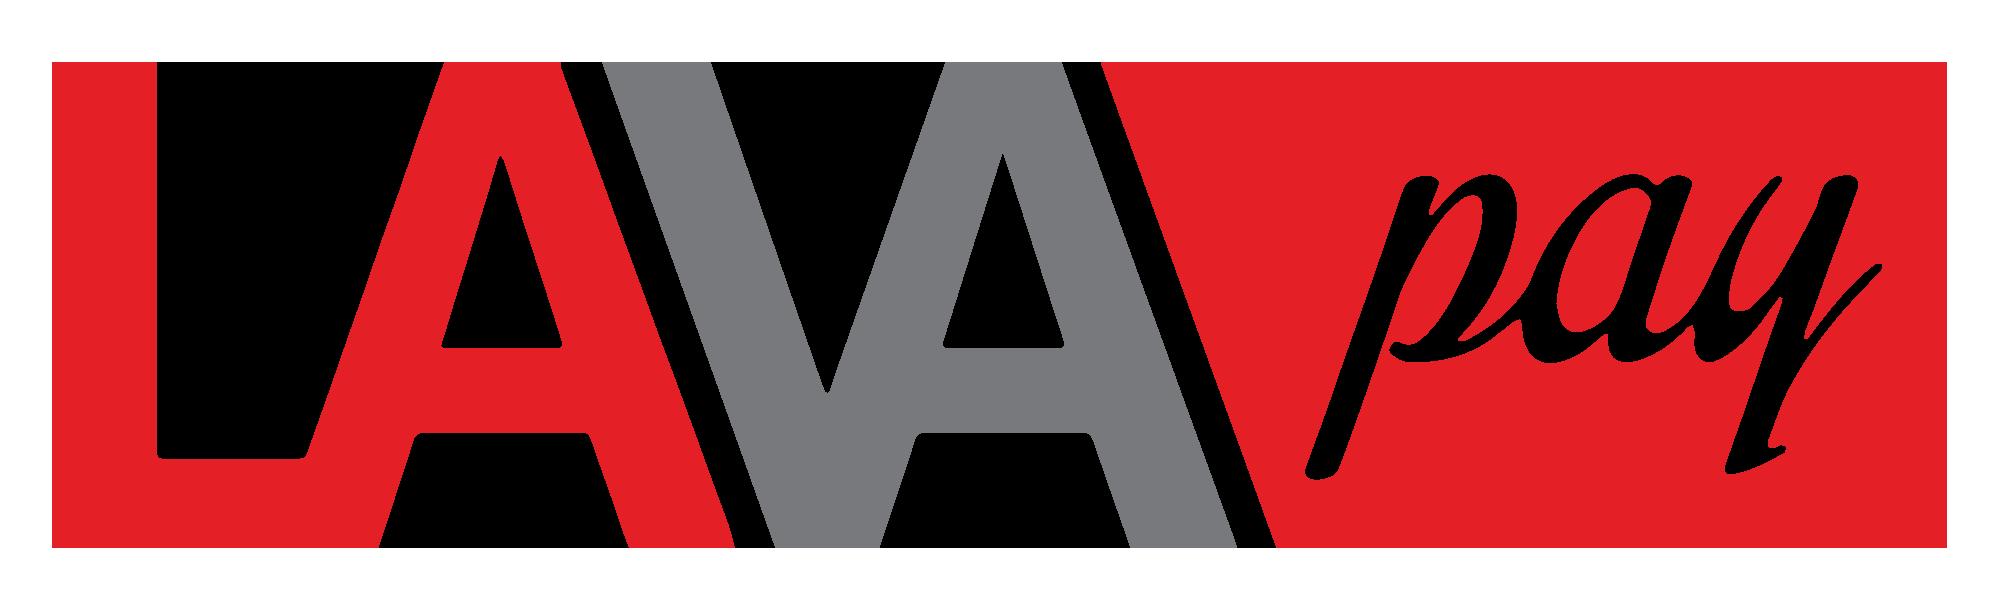 Lavapay Logo